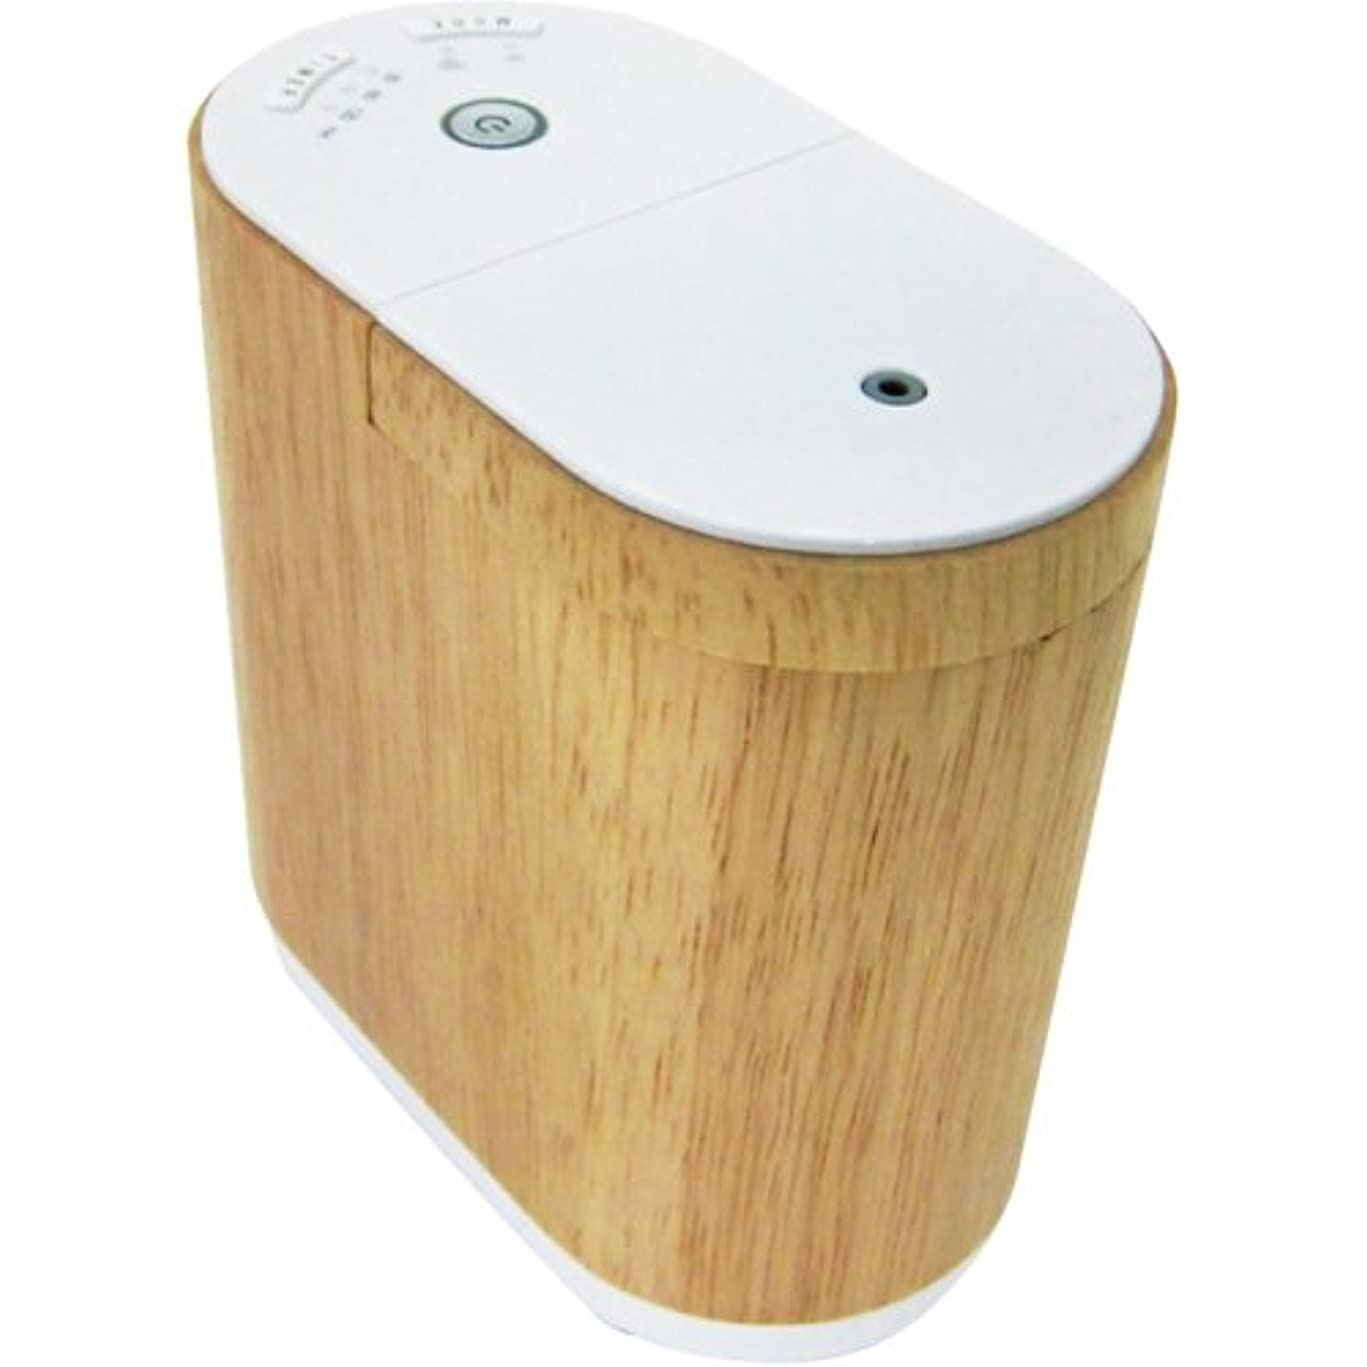 名前を作るレンズ夜間生活の木 アロマディフューザー(ウッド)エッセンシャルオイルディフューザー aromore(アロモア) 08-801-6010